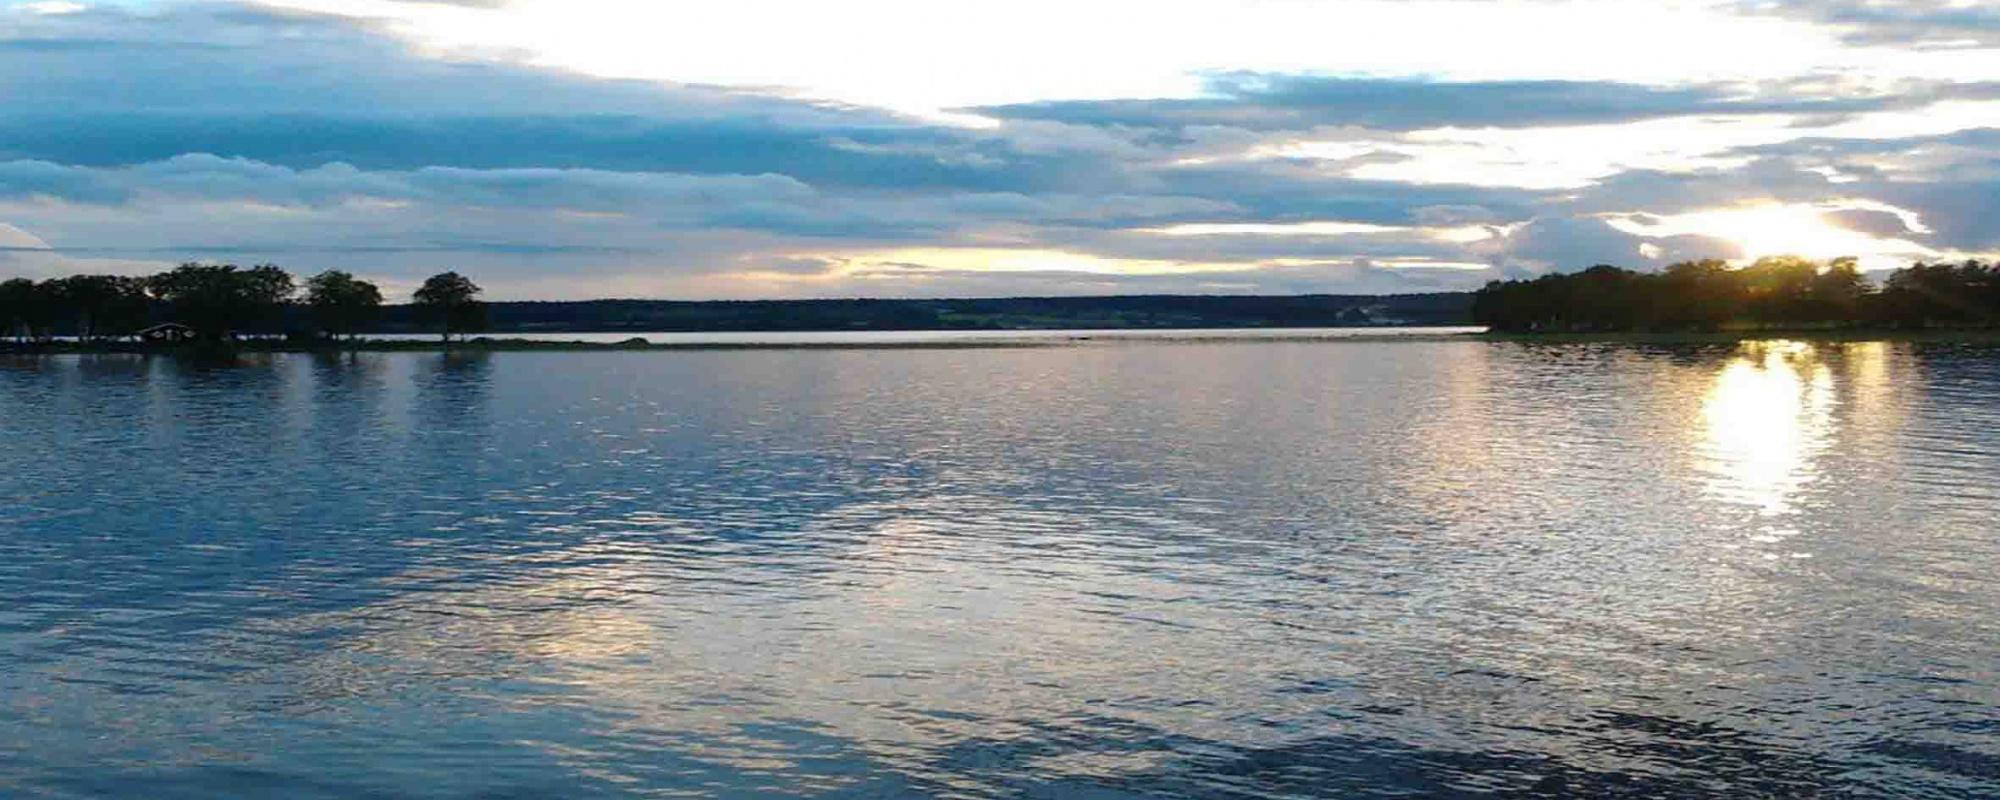 Summer  evening in Innansjön